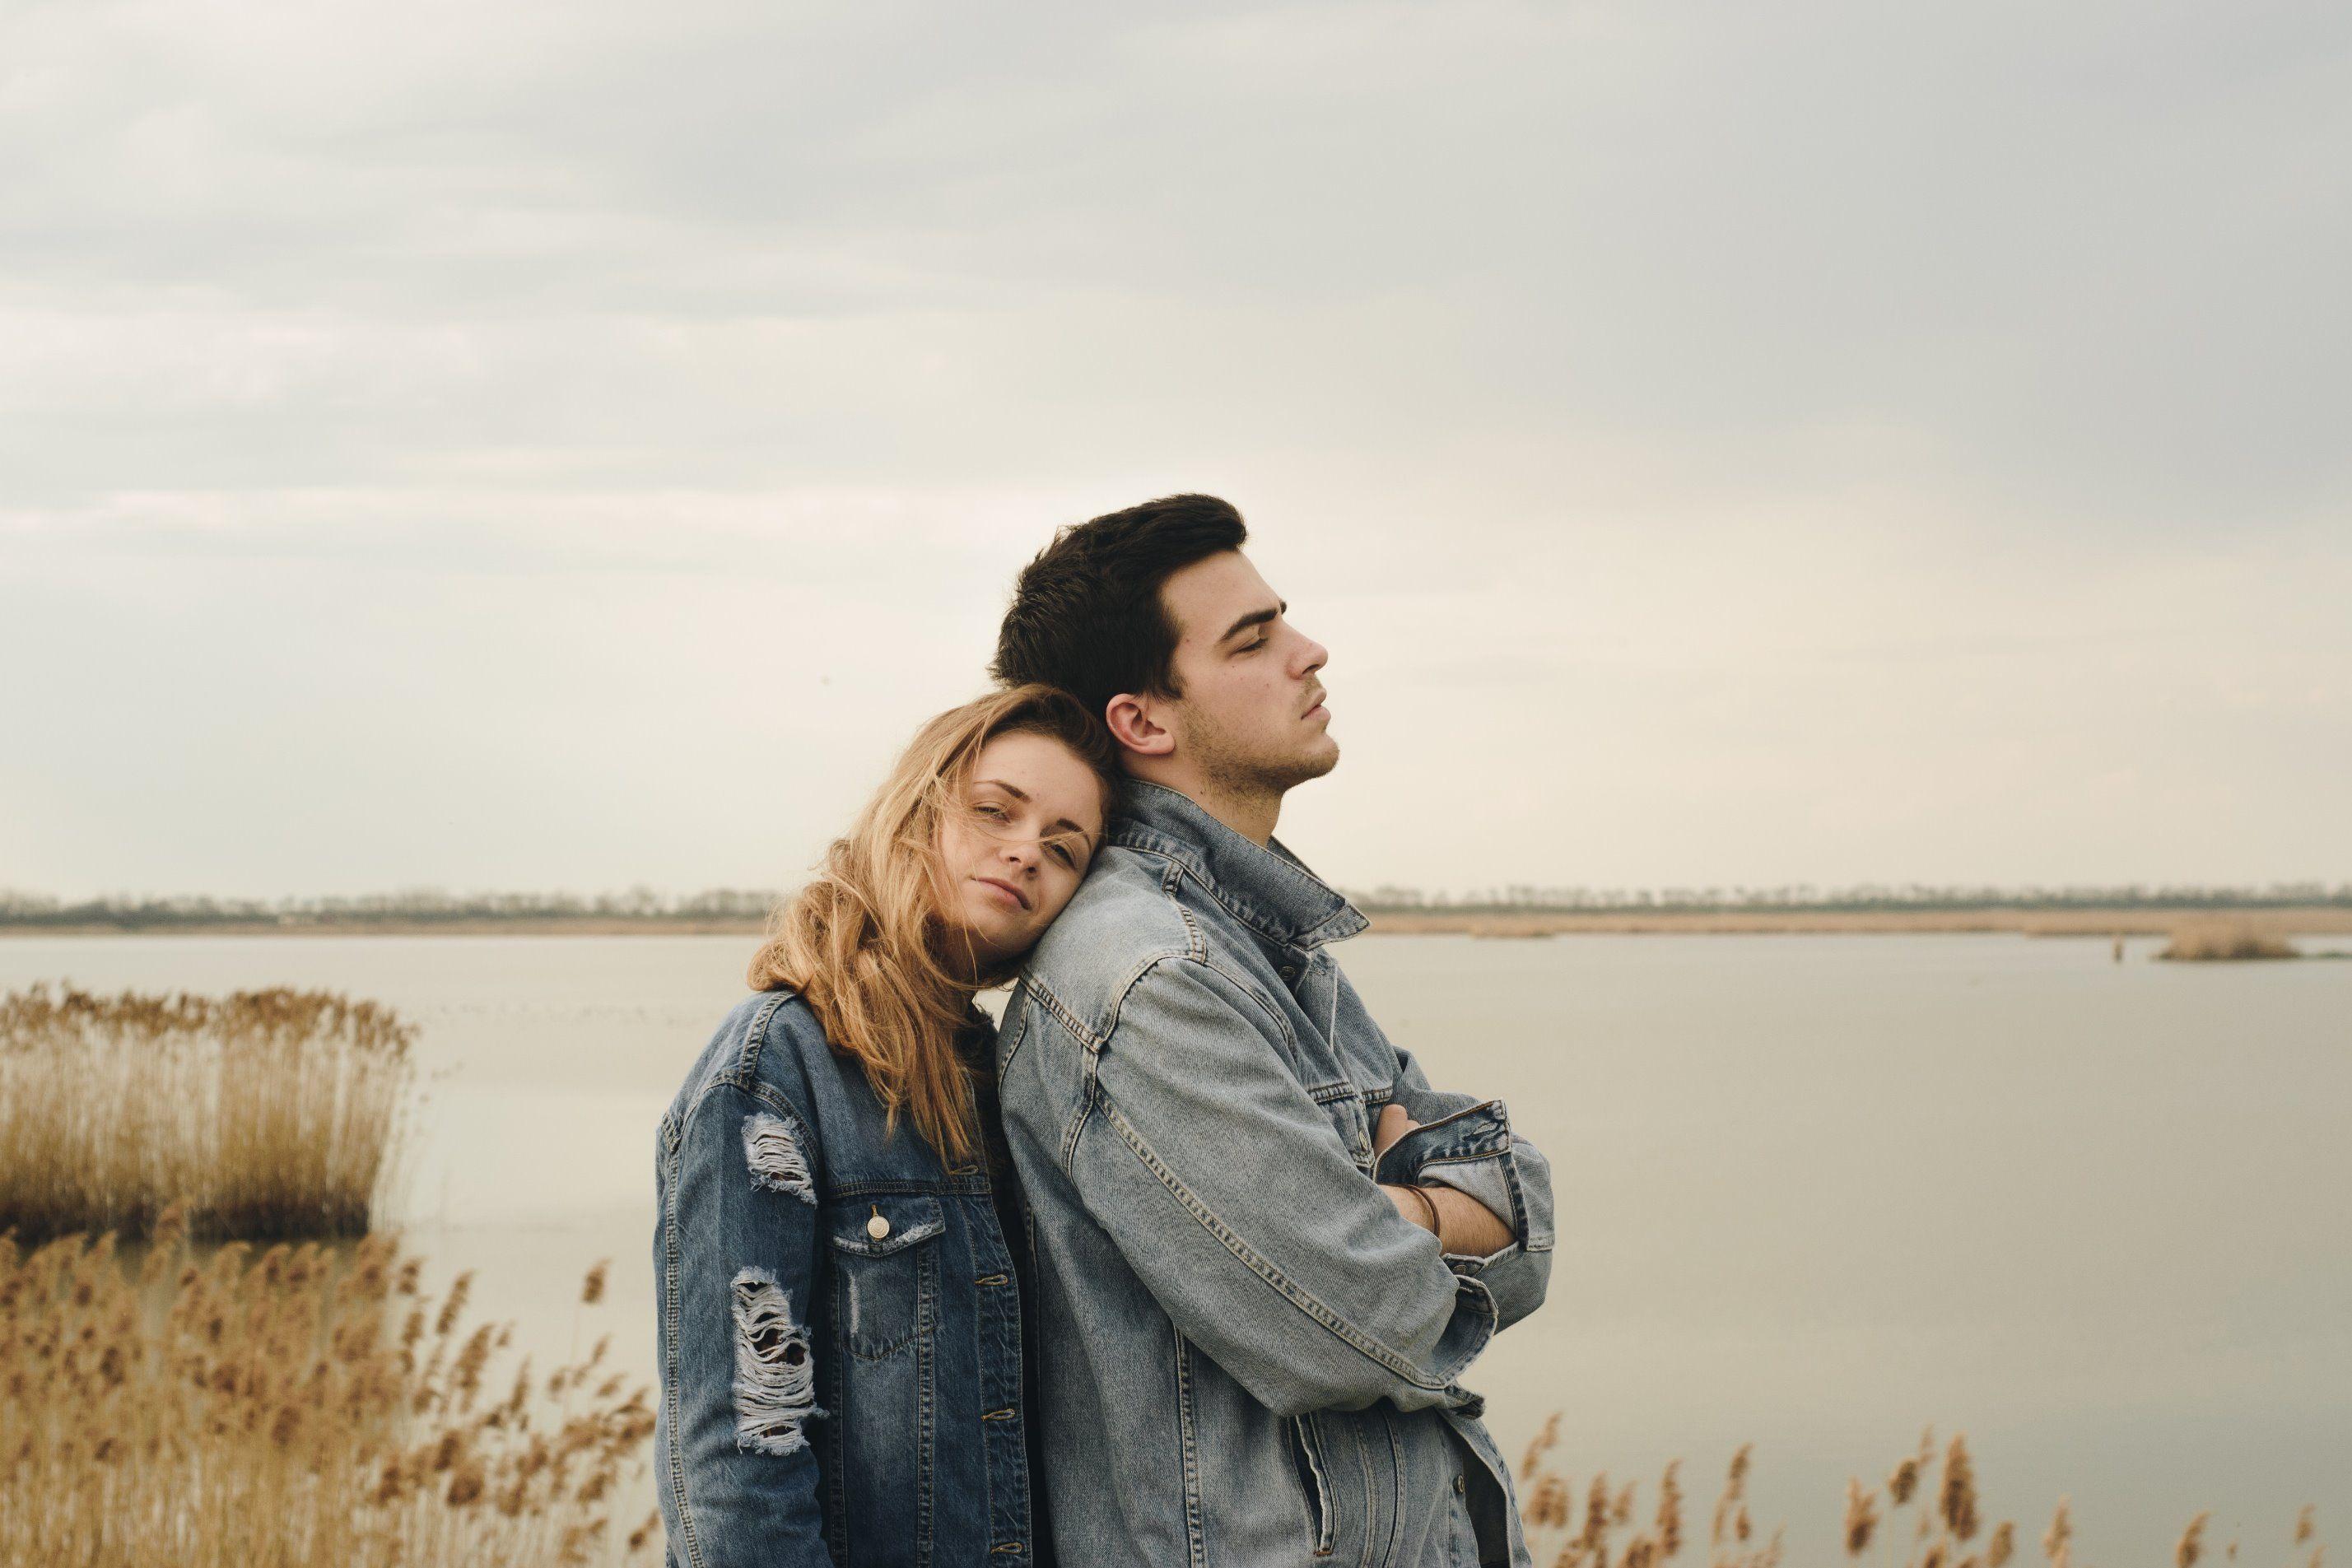 GrupoLaberinto explica los rasgos de la personalidad dependiente